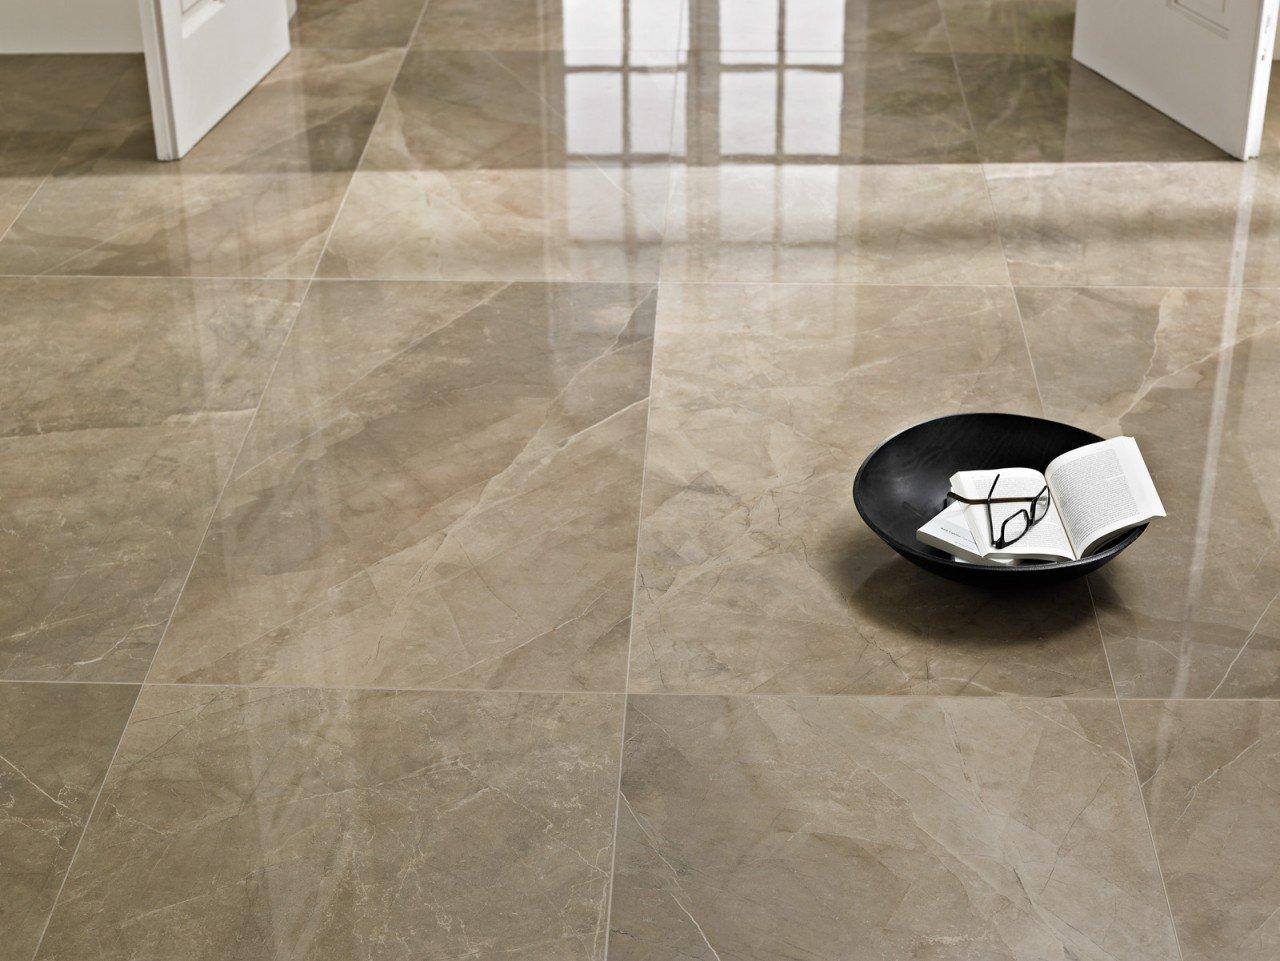 Pavimenti gres porcellanato effetto marmo milano spazio 11 for Gres porcellanato immagini